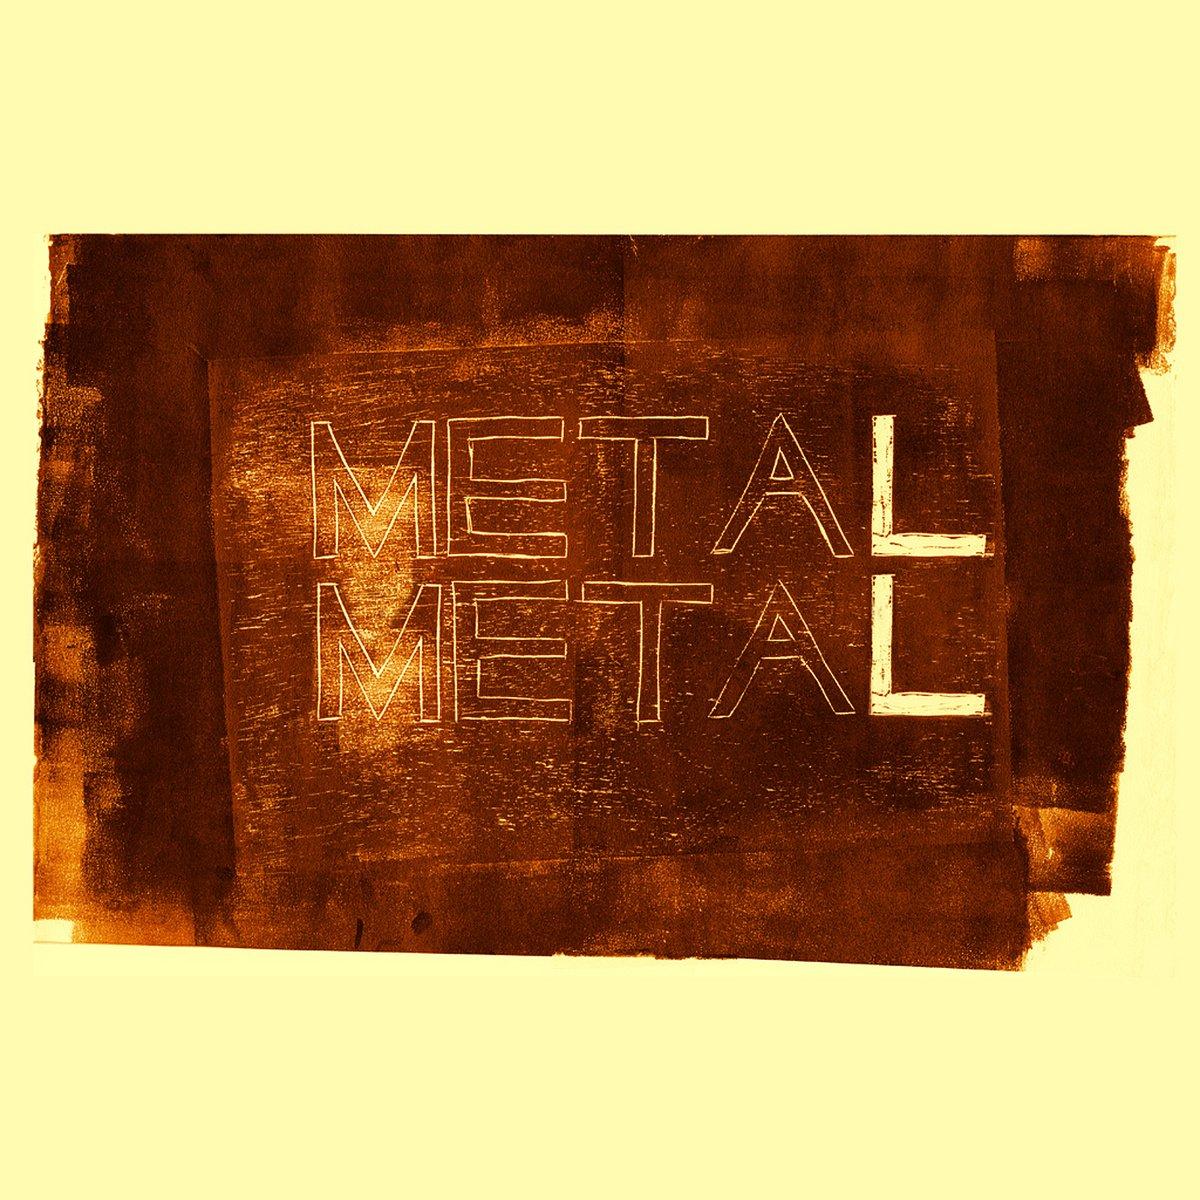 Metá Metá: Metal Metal